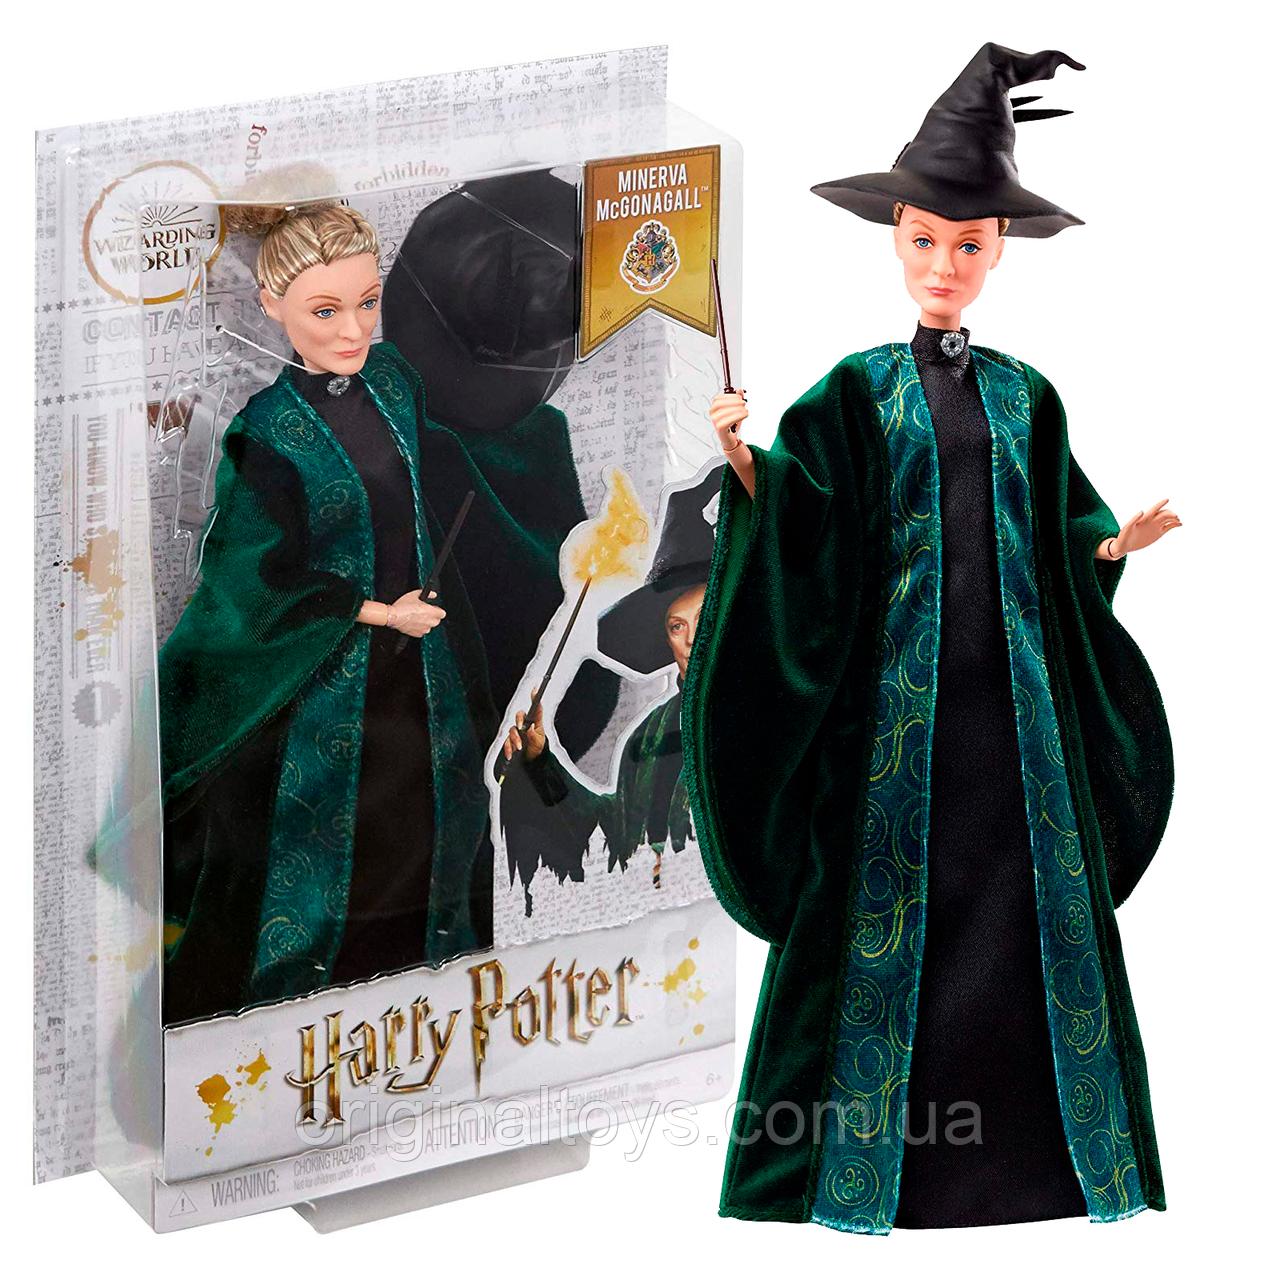 Кукла Минерва Макгонагалл - Гарри Поттер - Harry Potter Minerva Mcgonagall FYM55